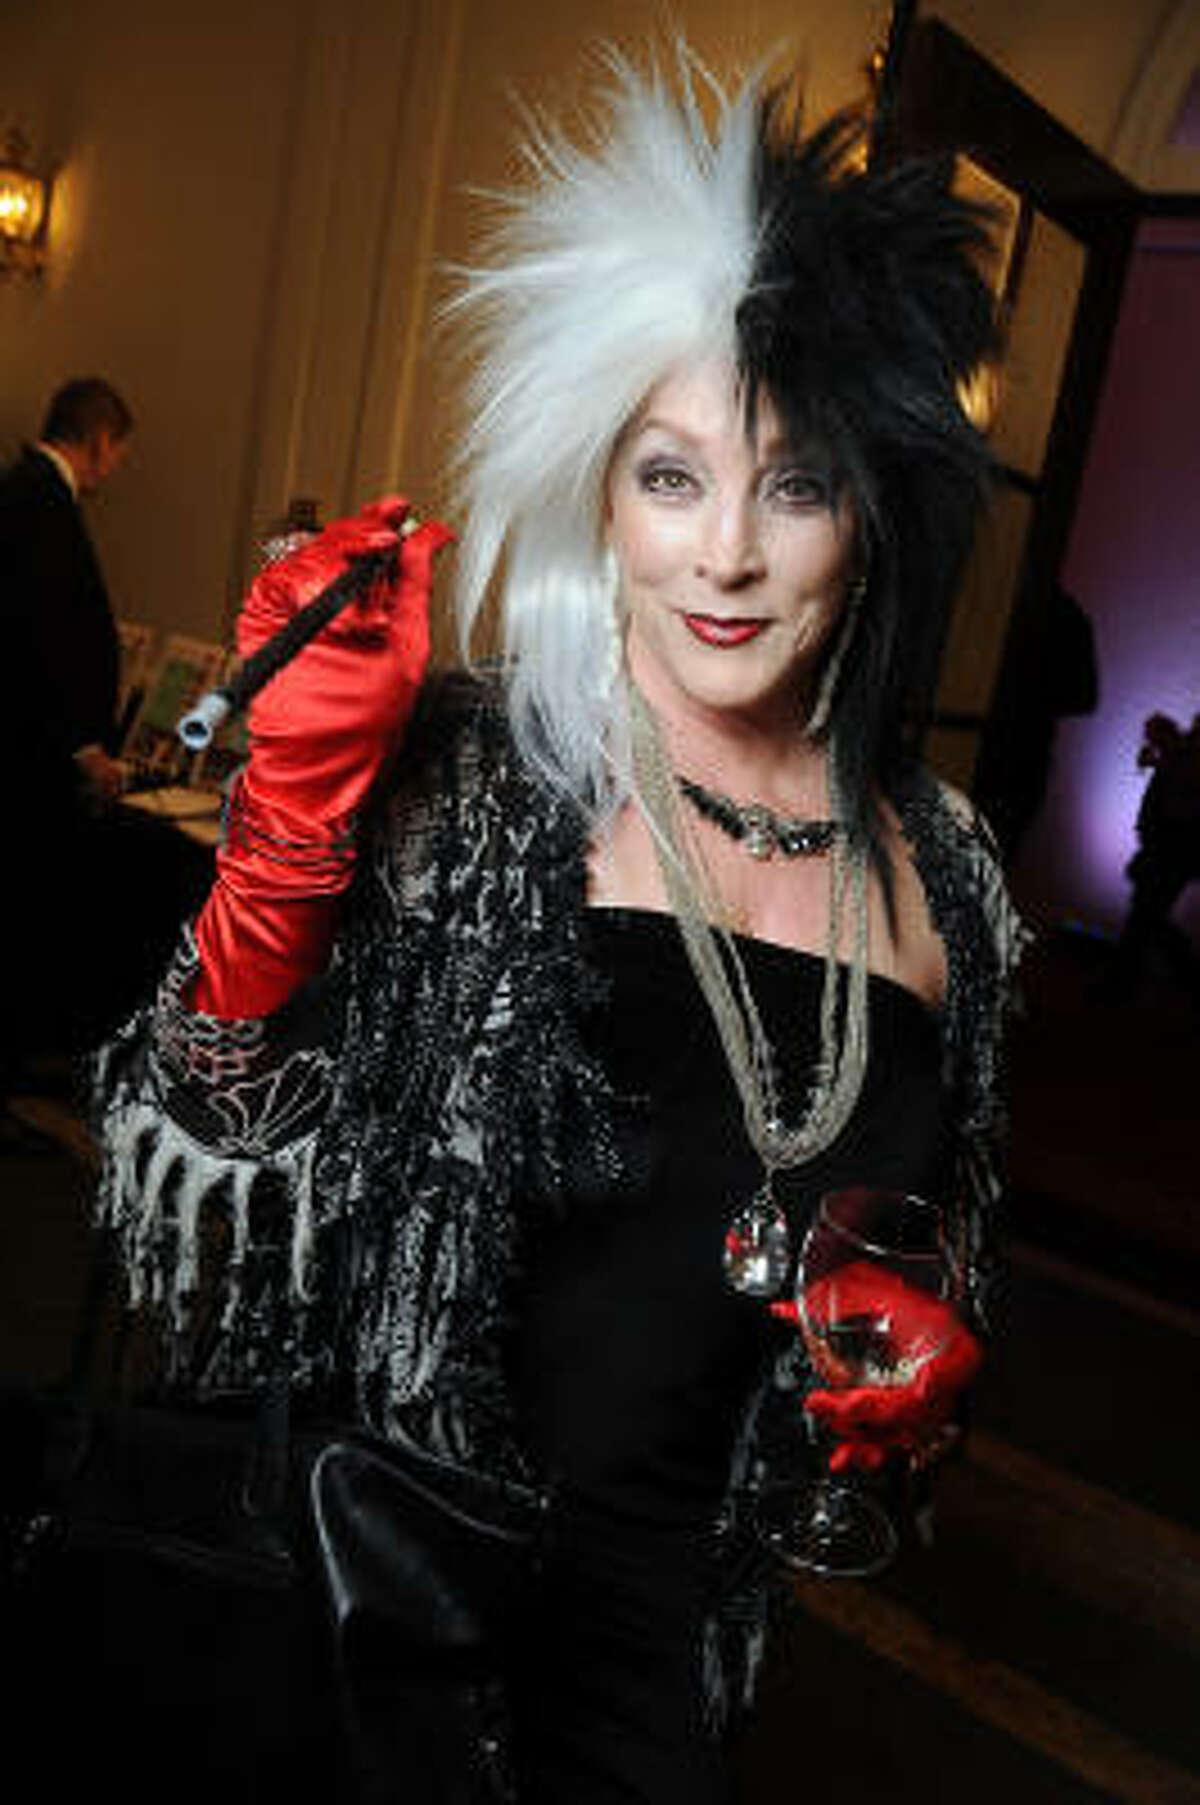 Diana Bowles as Cruella de Vil